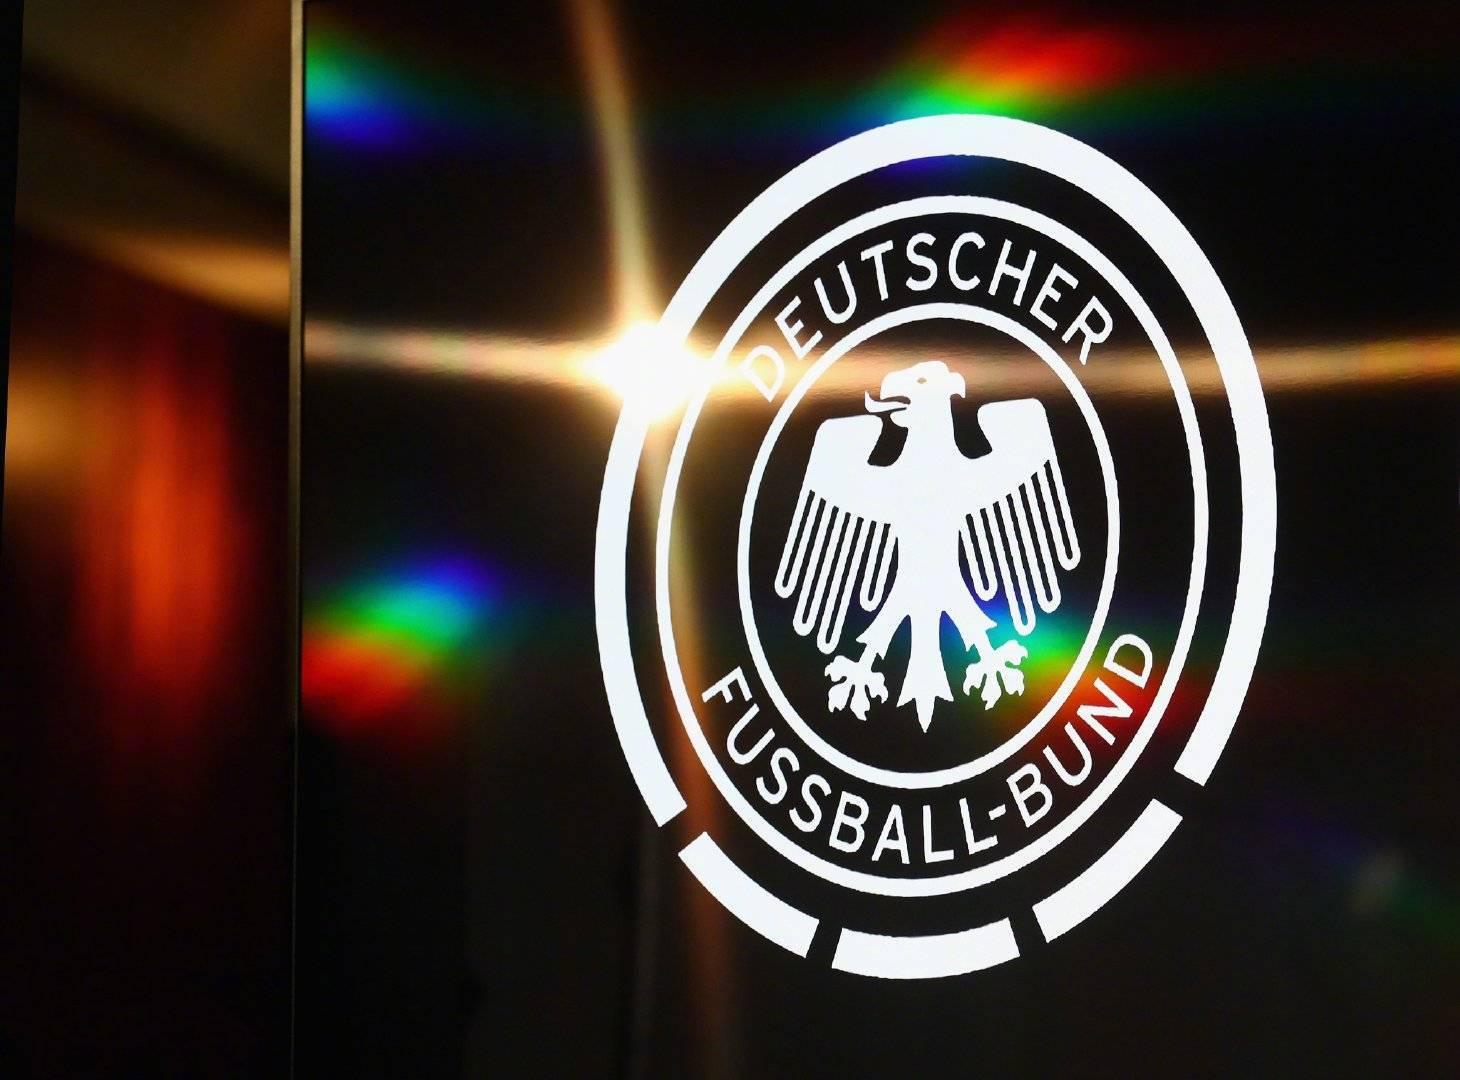 德国队接受@英格兰队球迷俱乐部 的挑战!并点名@法国球迷俱乐部